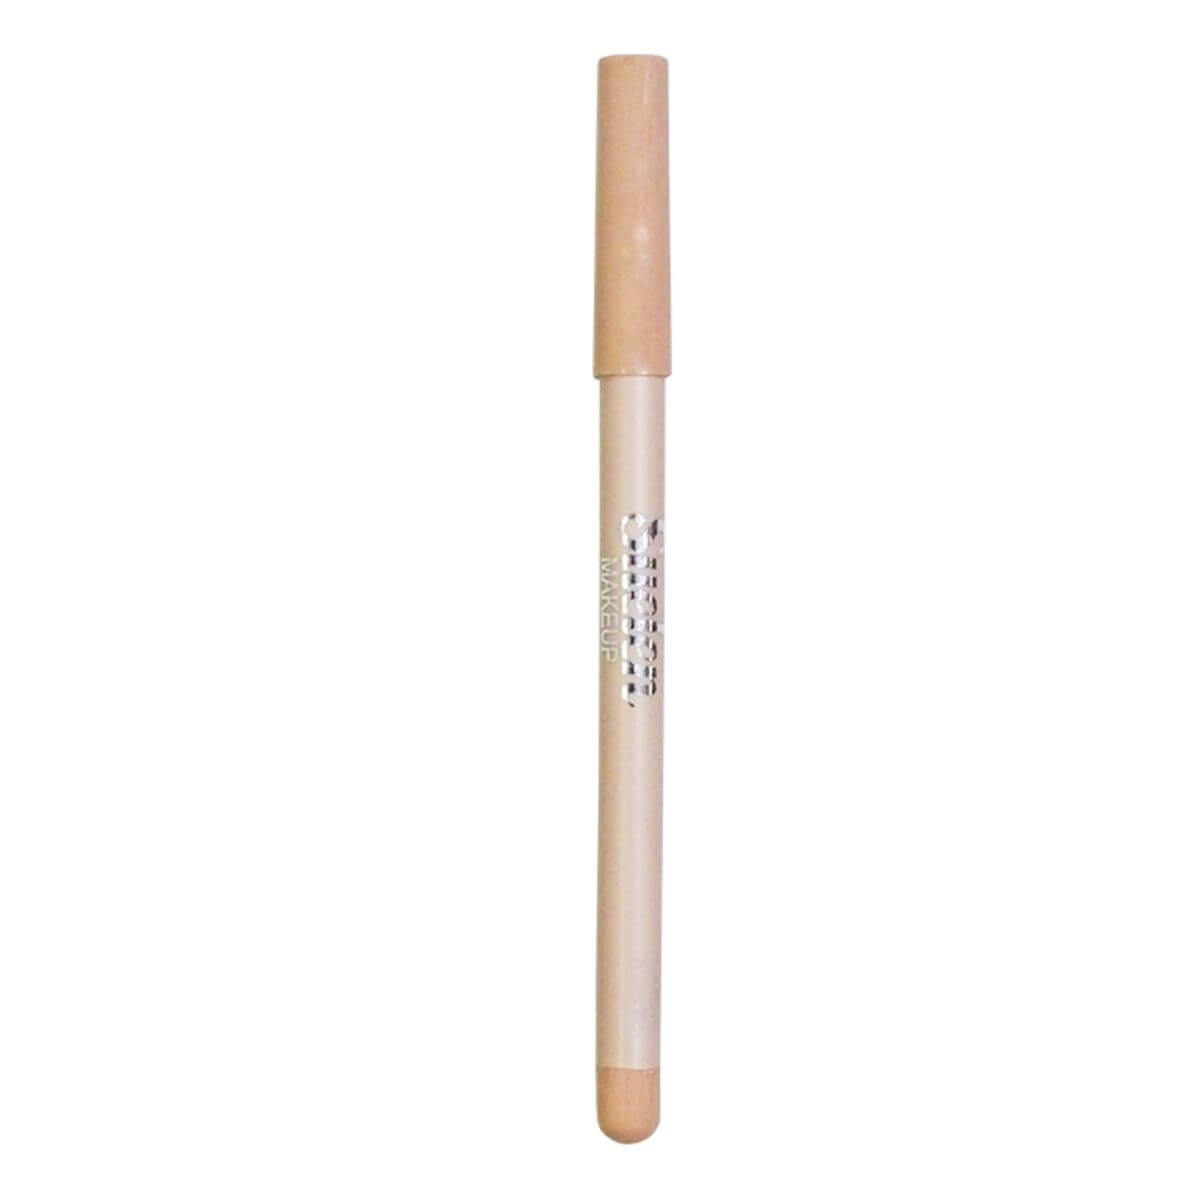 Lapis Delineador para Olhos Super Nude a Prova DAgua - Suelen Makeup